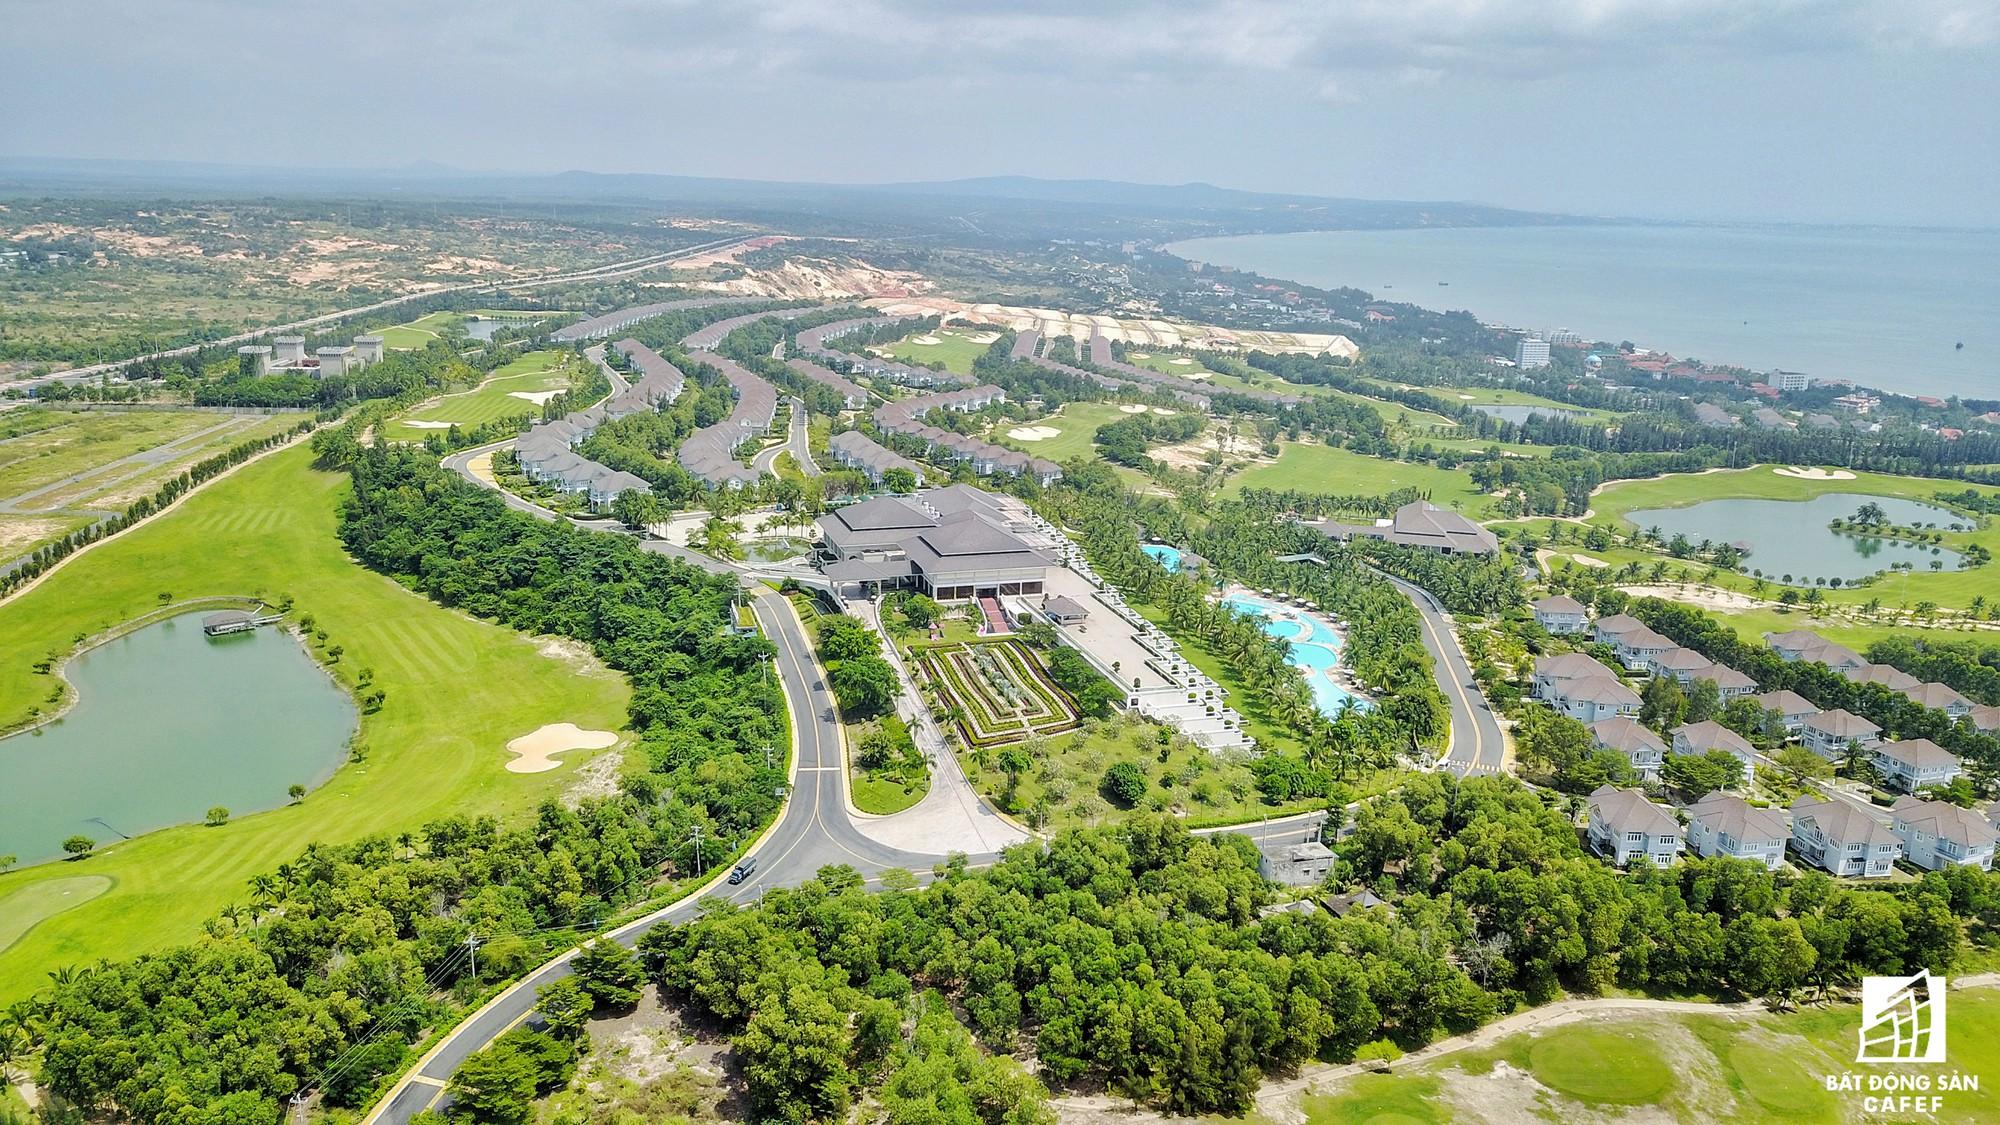 Quy hoạch thành khu du lịch quốc gia, dải ven biển này đang đón dòng vốn hàng tỷ USD, giá đất tăng chóng mặt - Ảnh 1.